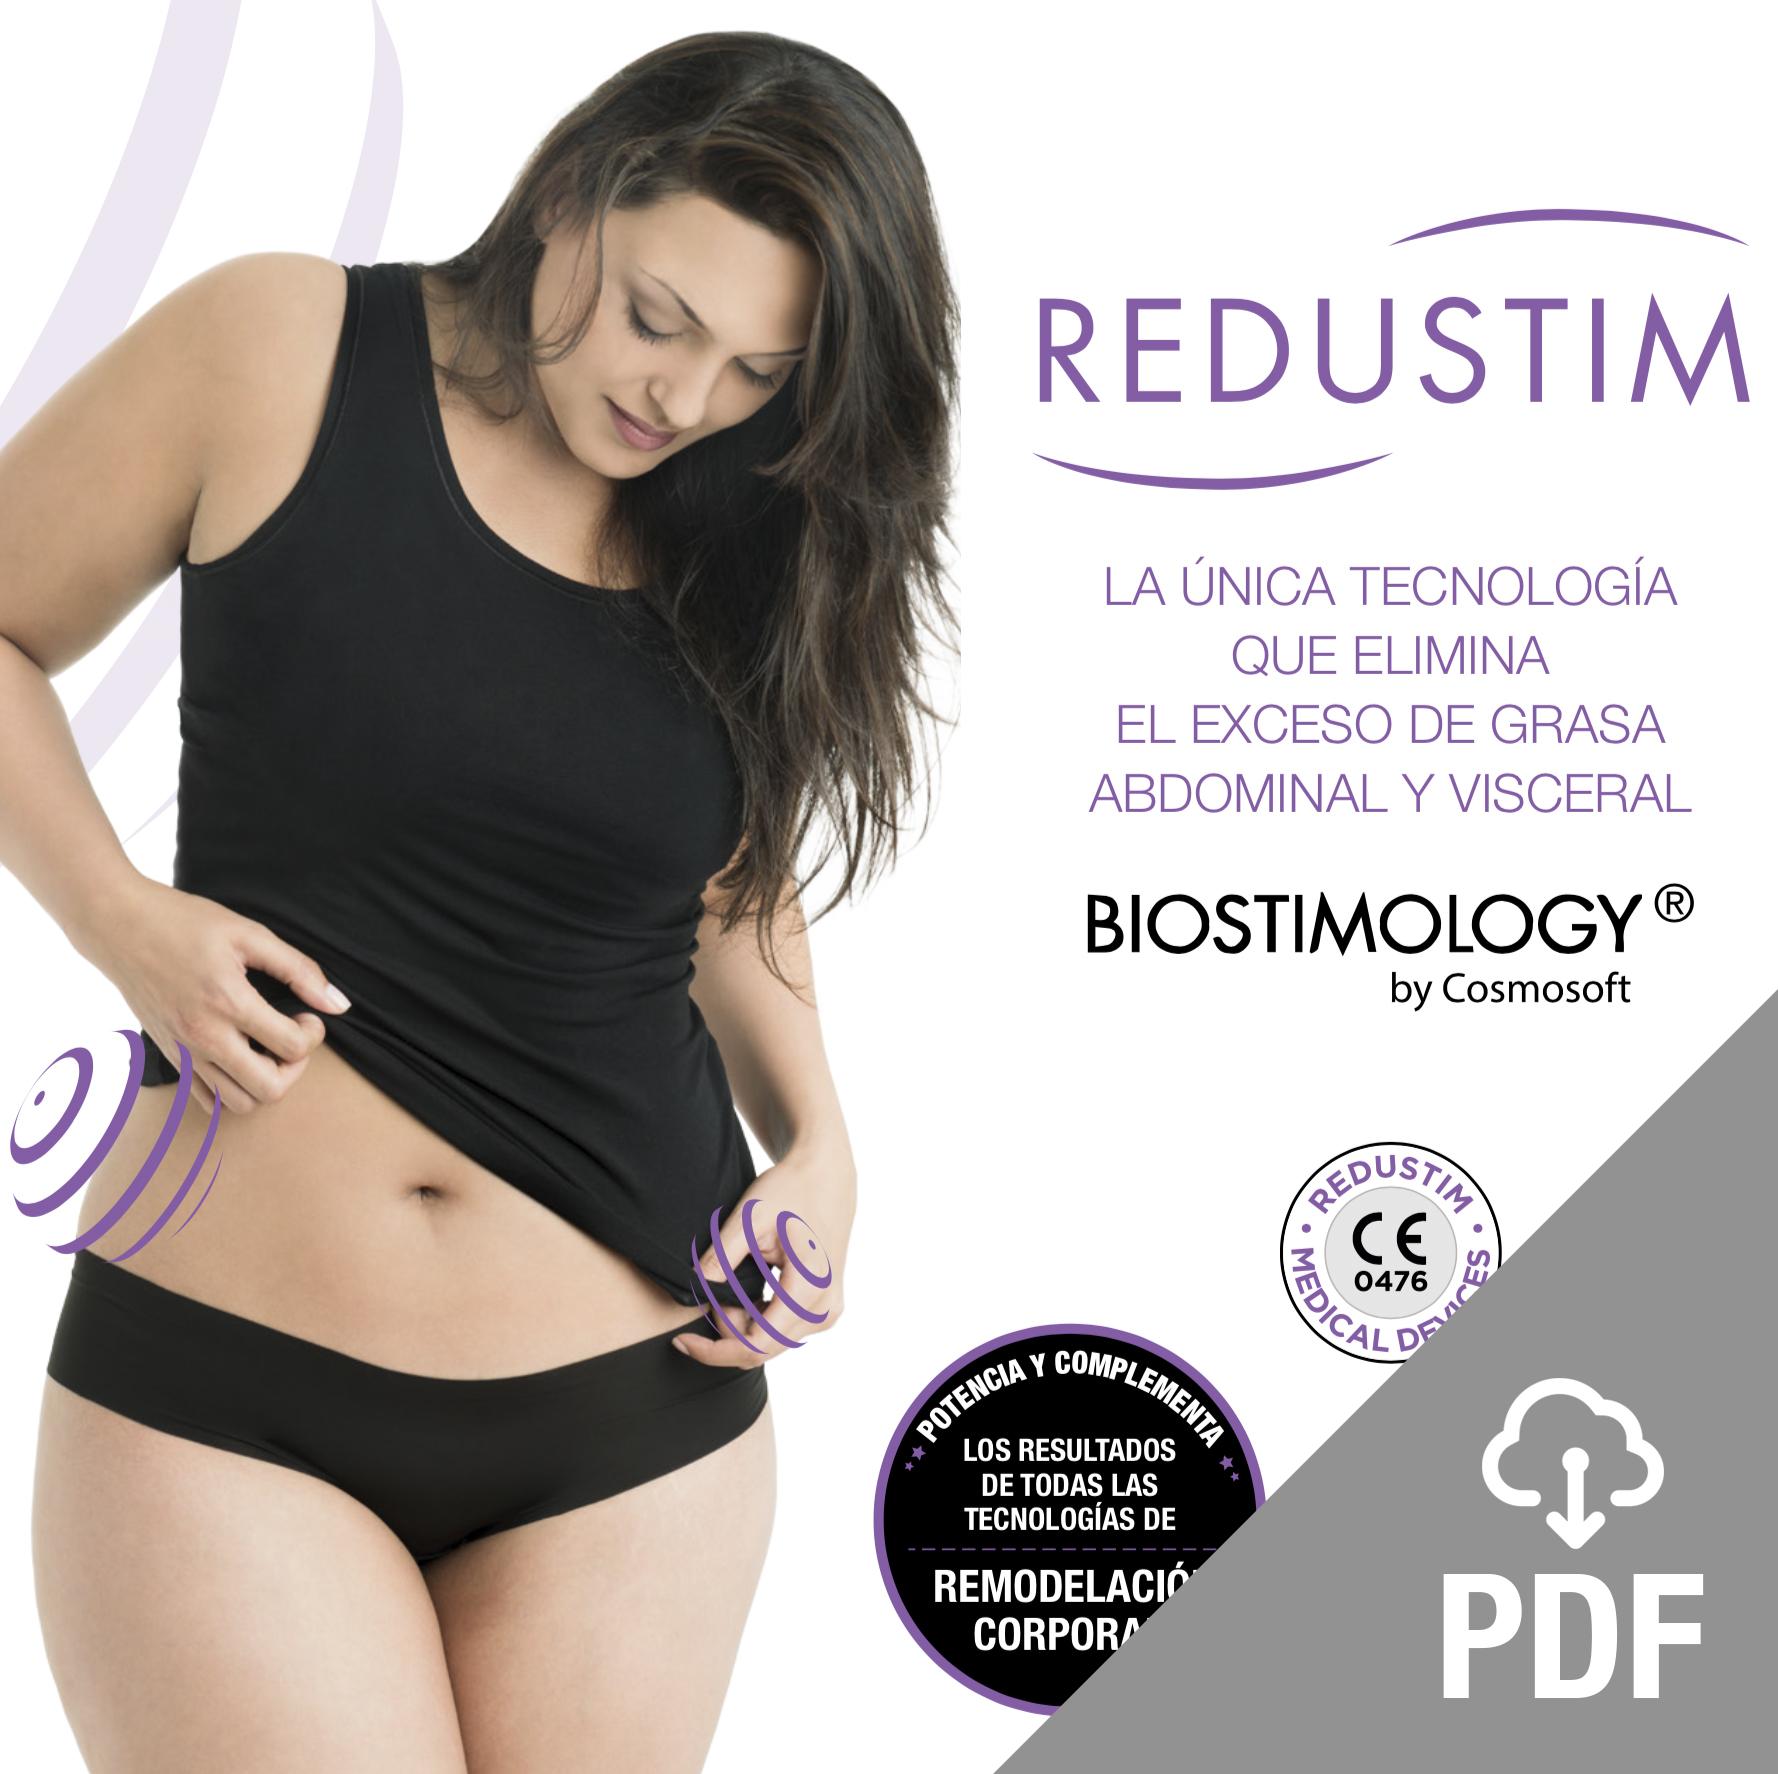 redustim pdf eliminacion de grasa abdominal y visceral